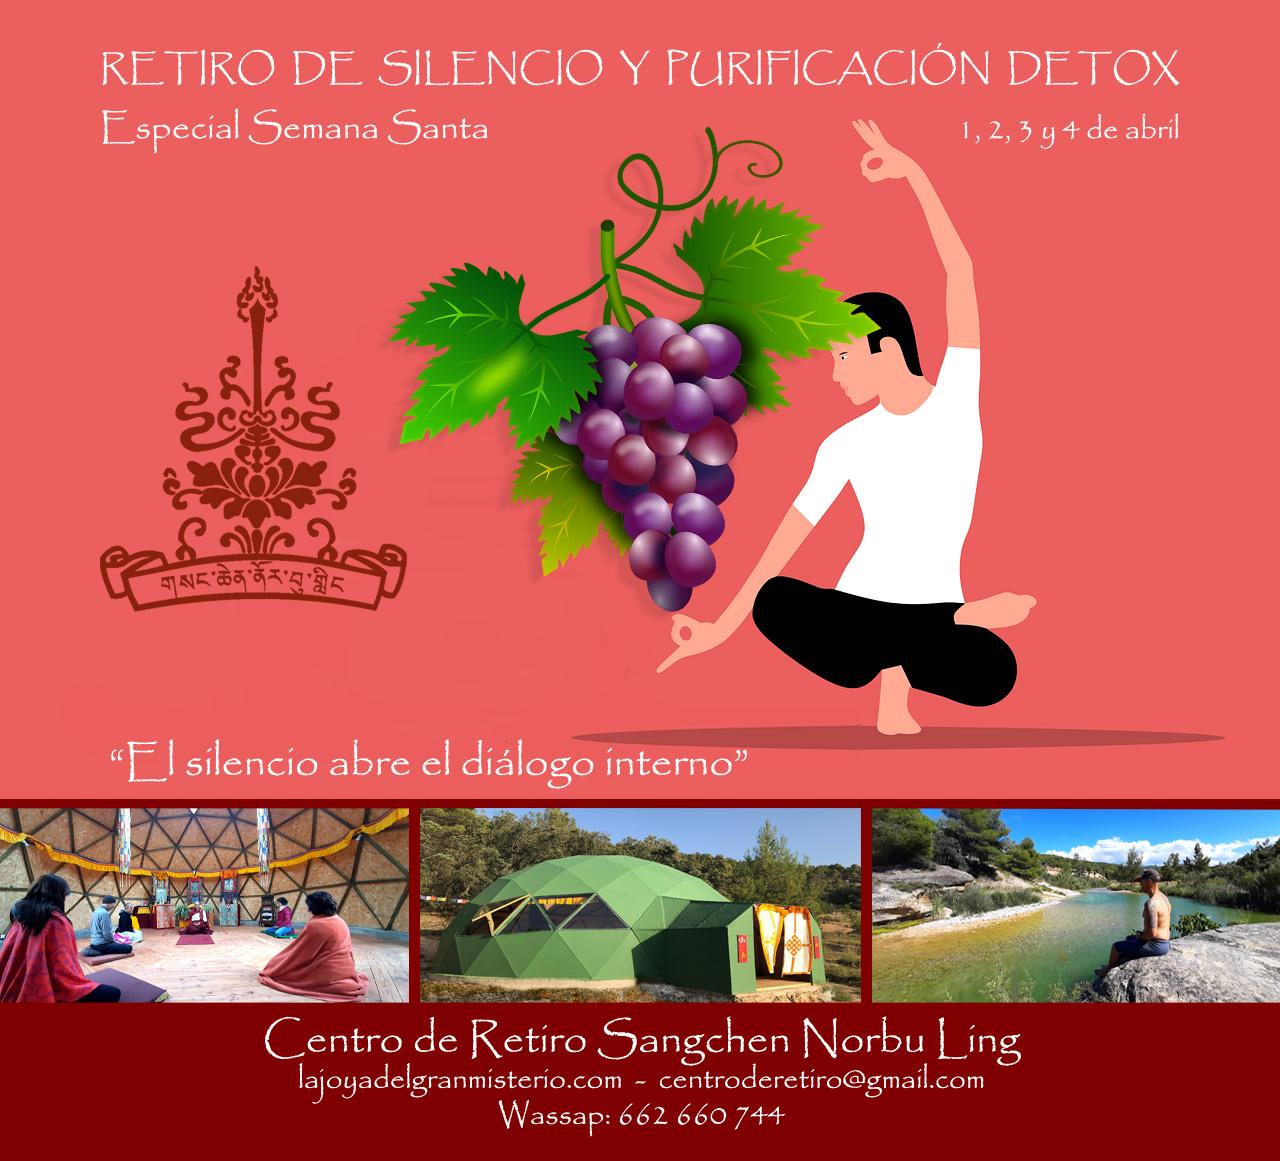 RETIRO DE SILENCIO Y PURIFICACIÓN DETOX, ESPECIAL SEMANA SANTA, 1 al 4 de ABRIL @ Centro de retiros Sangchen Norbu Ling